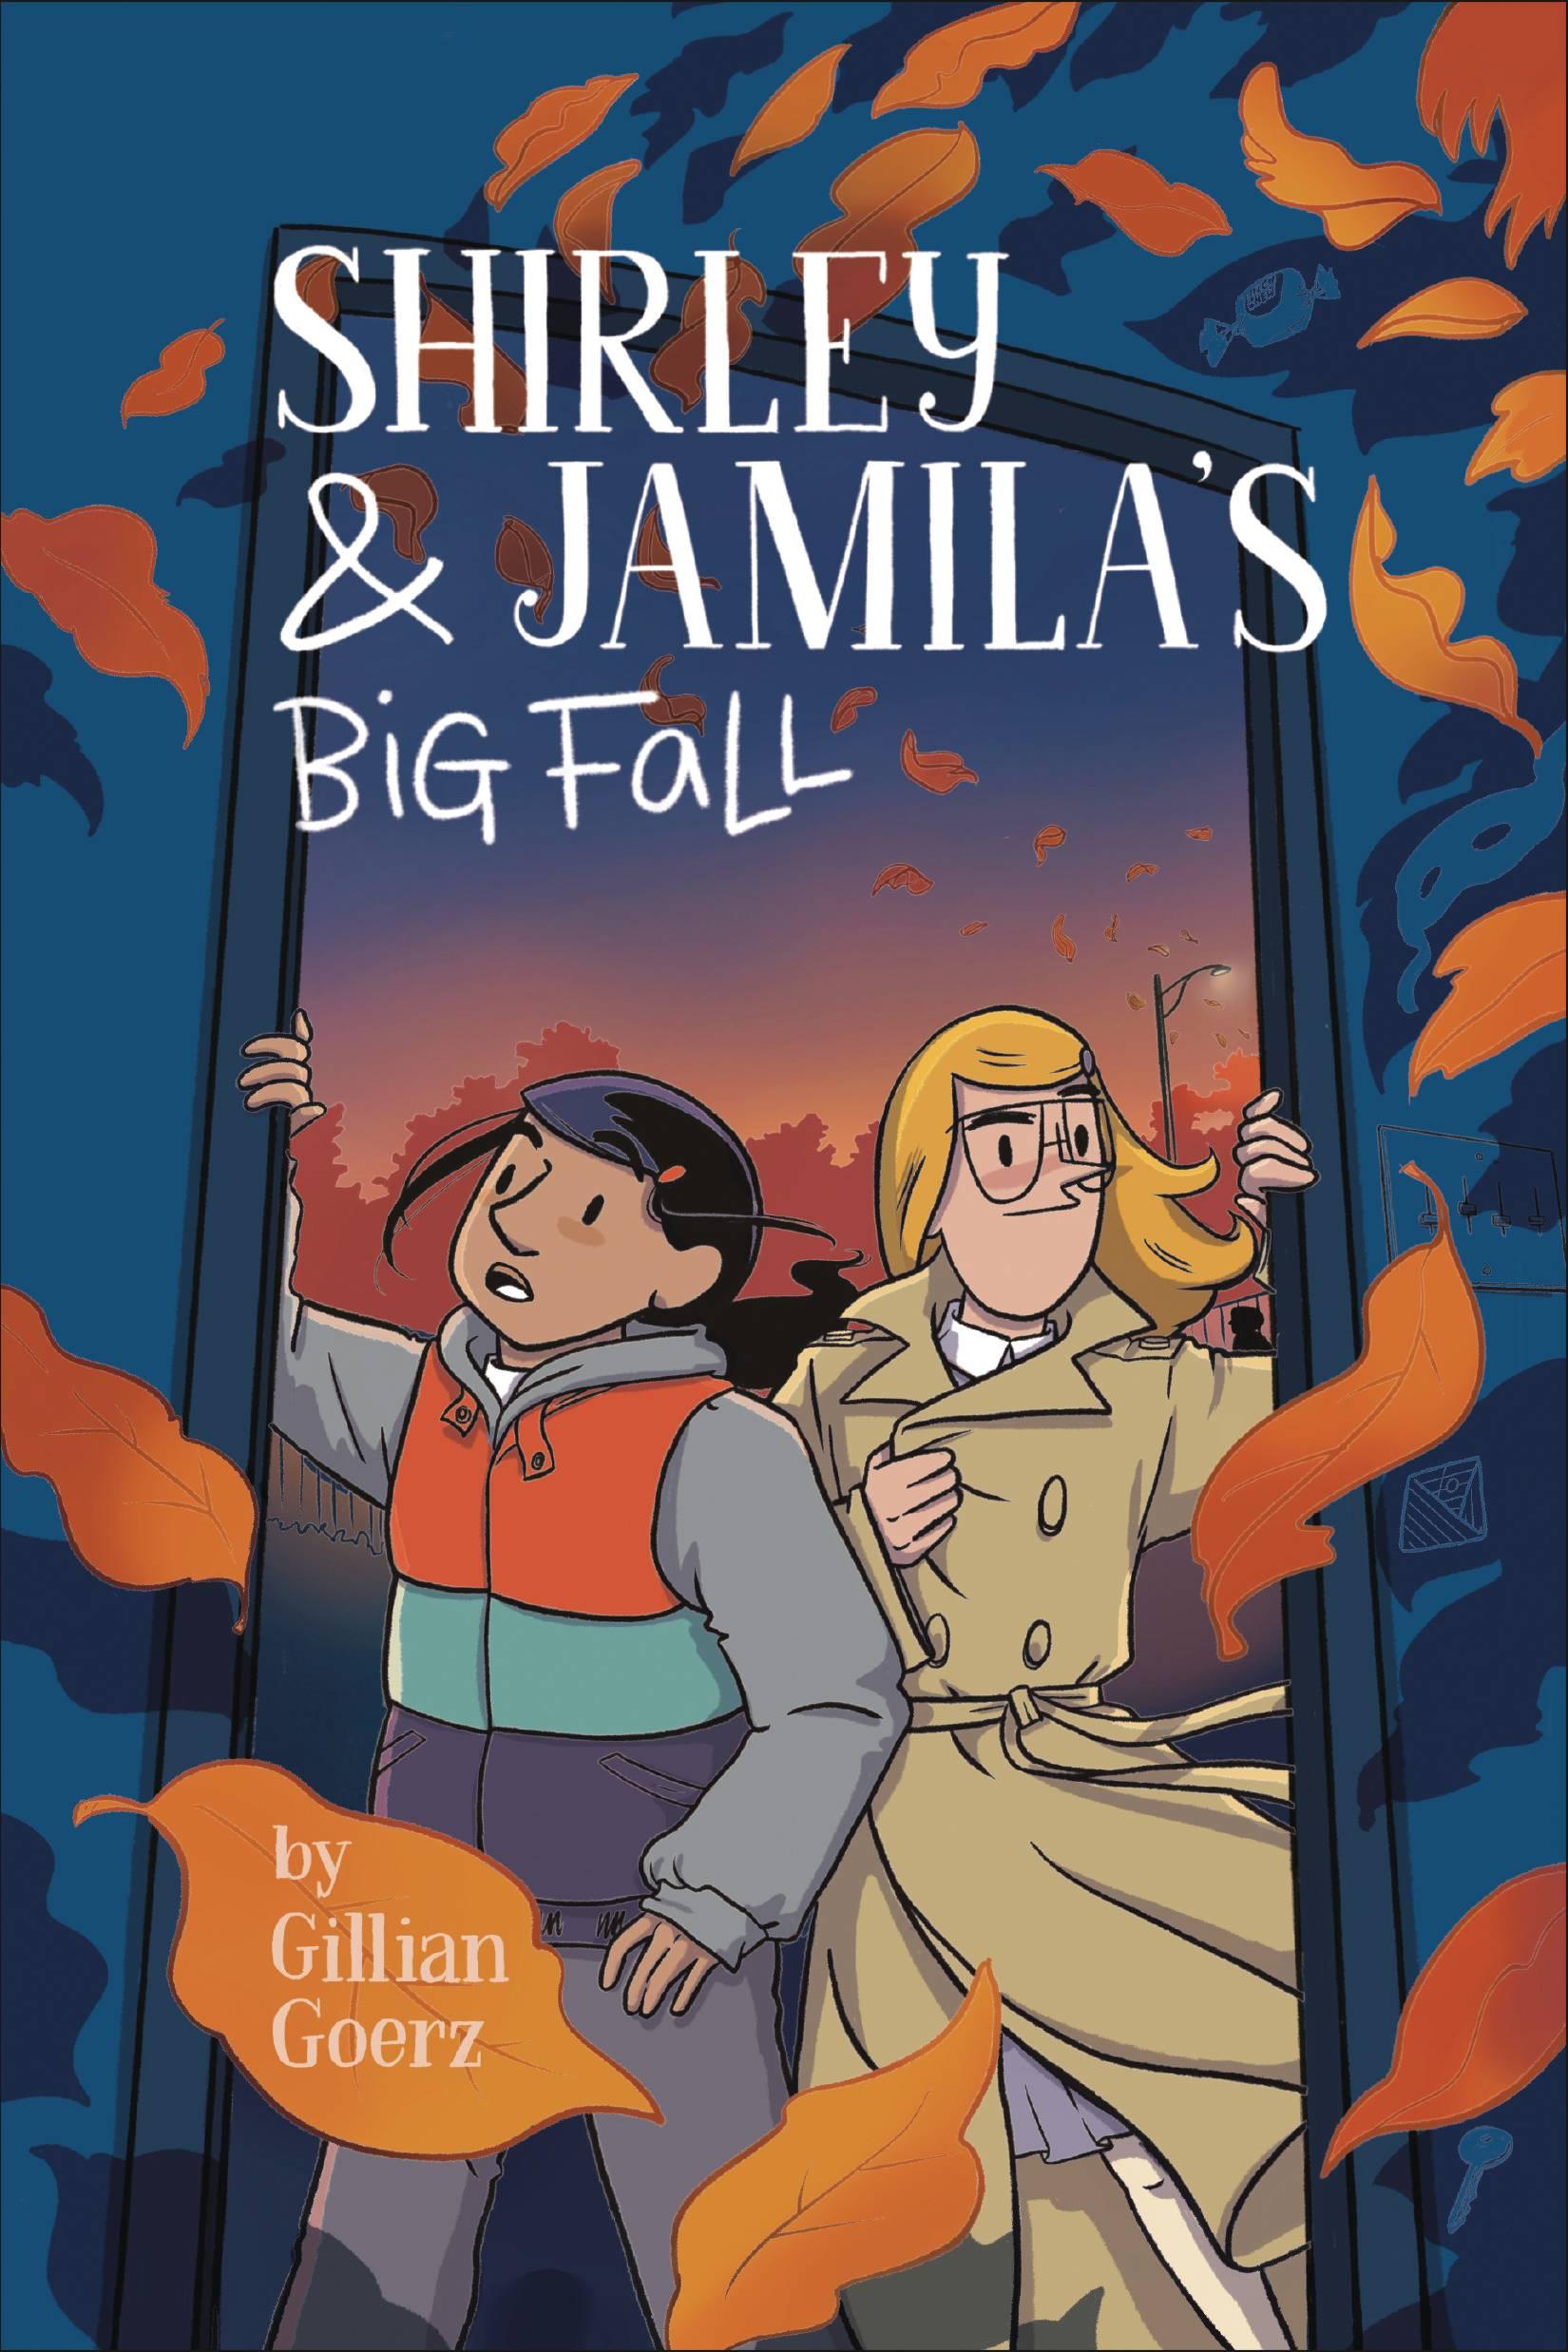 SHIRLEY & JAMILAS BIG FALL TP